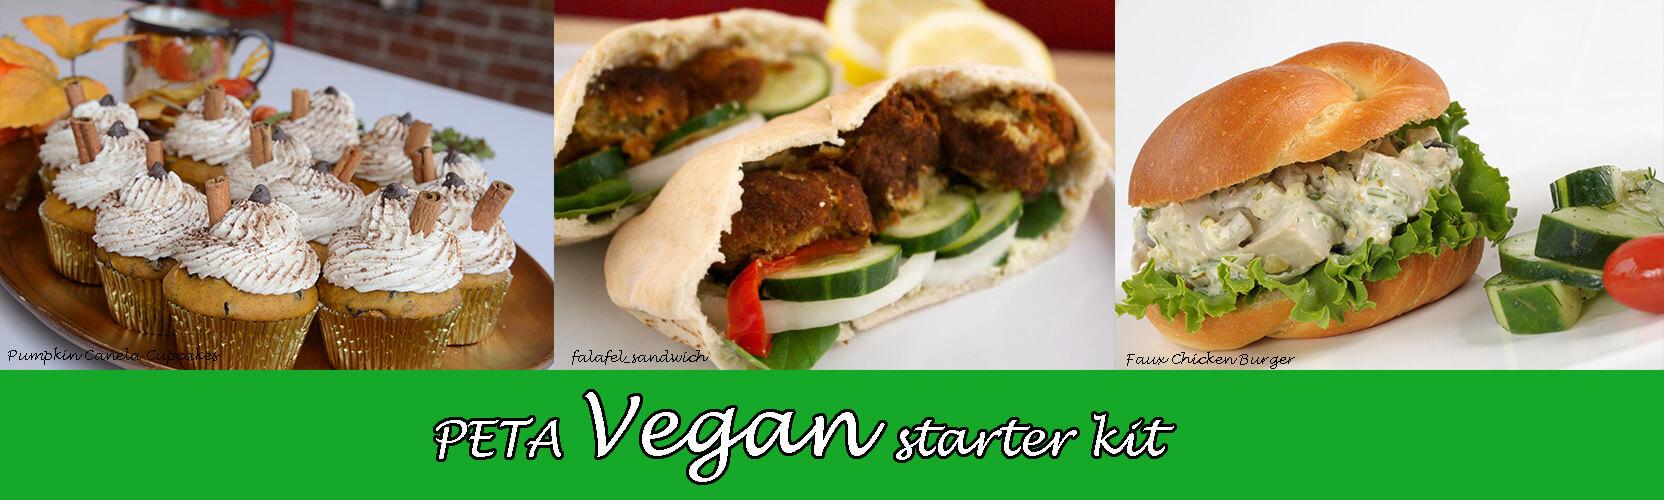 vegan-starter-kit-banner